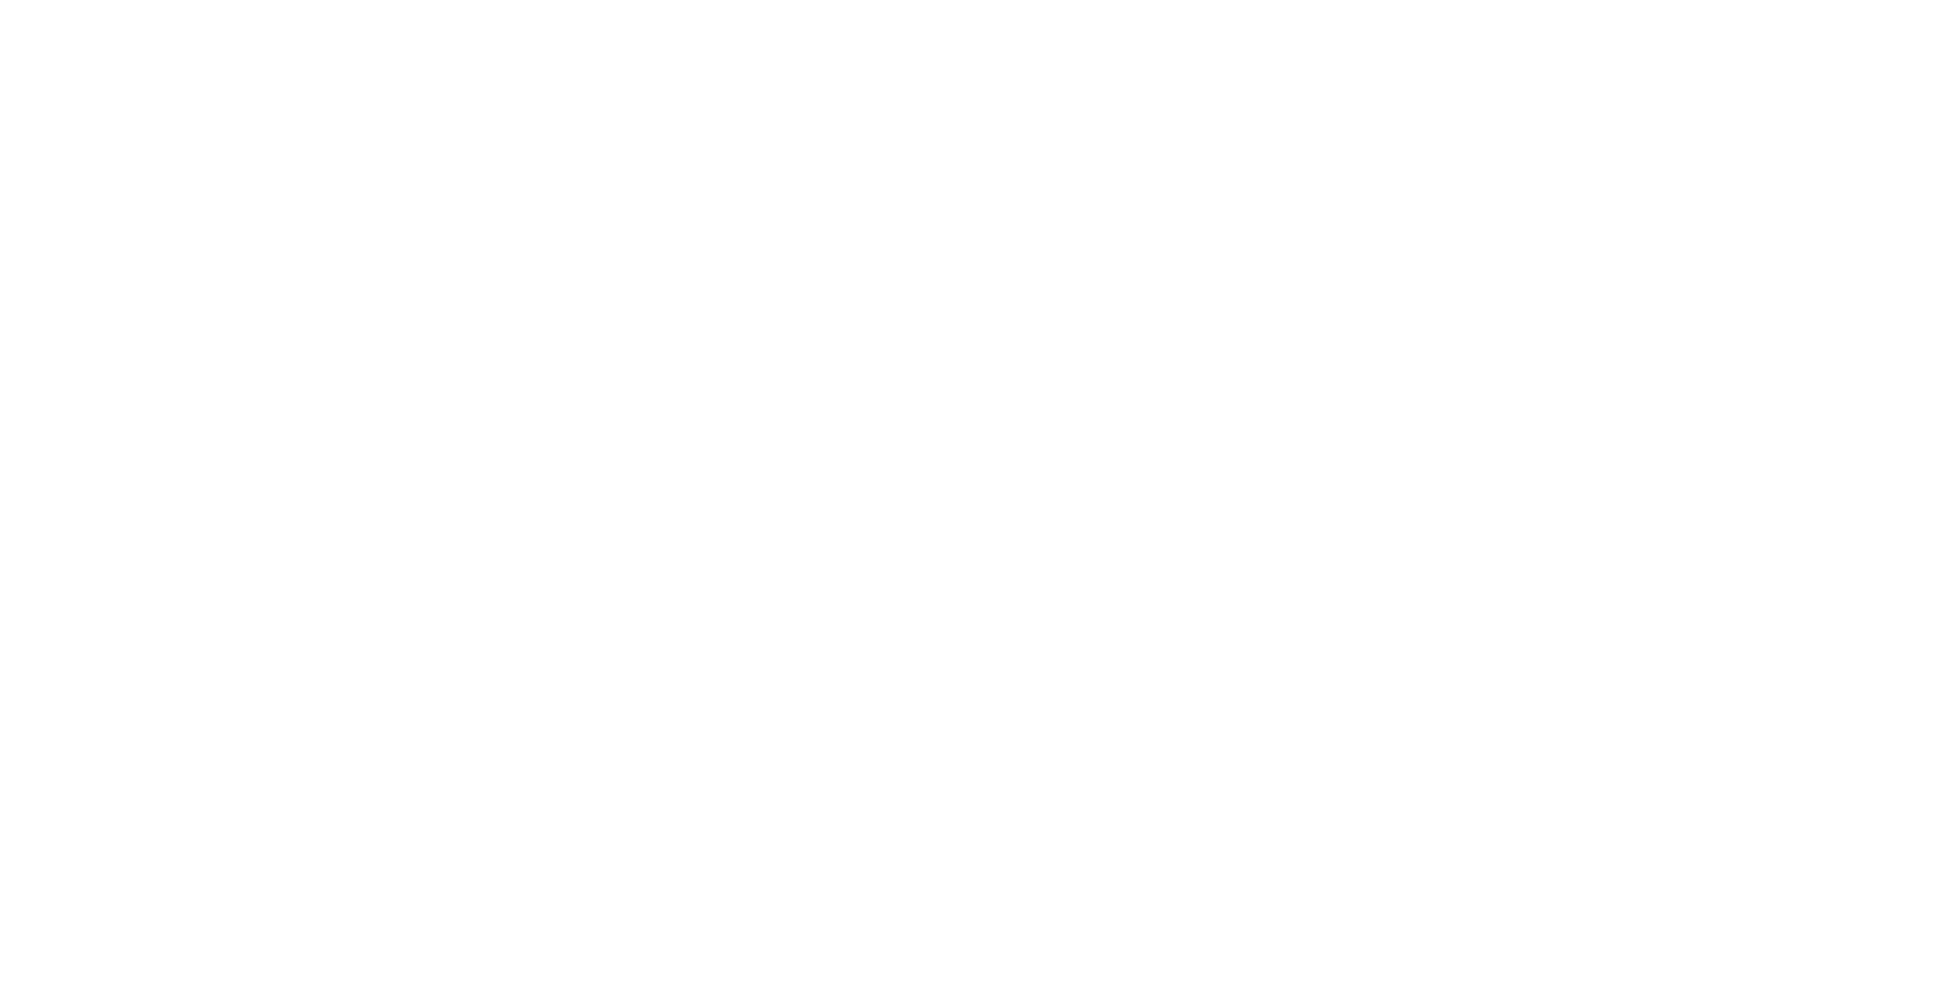 Workbyw_Kahf_Typography-004